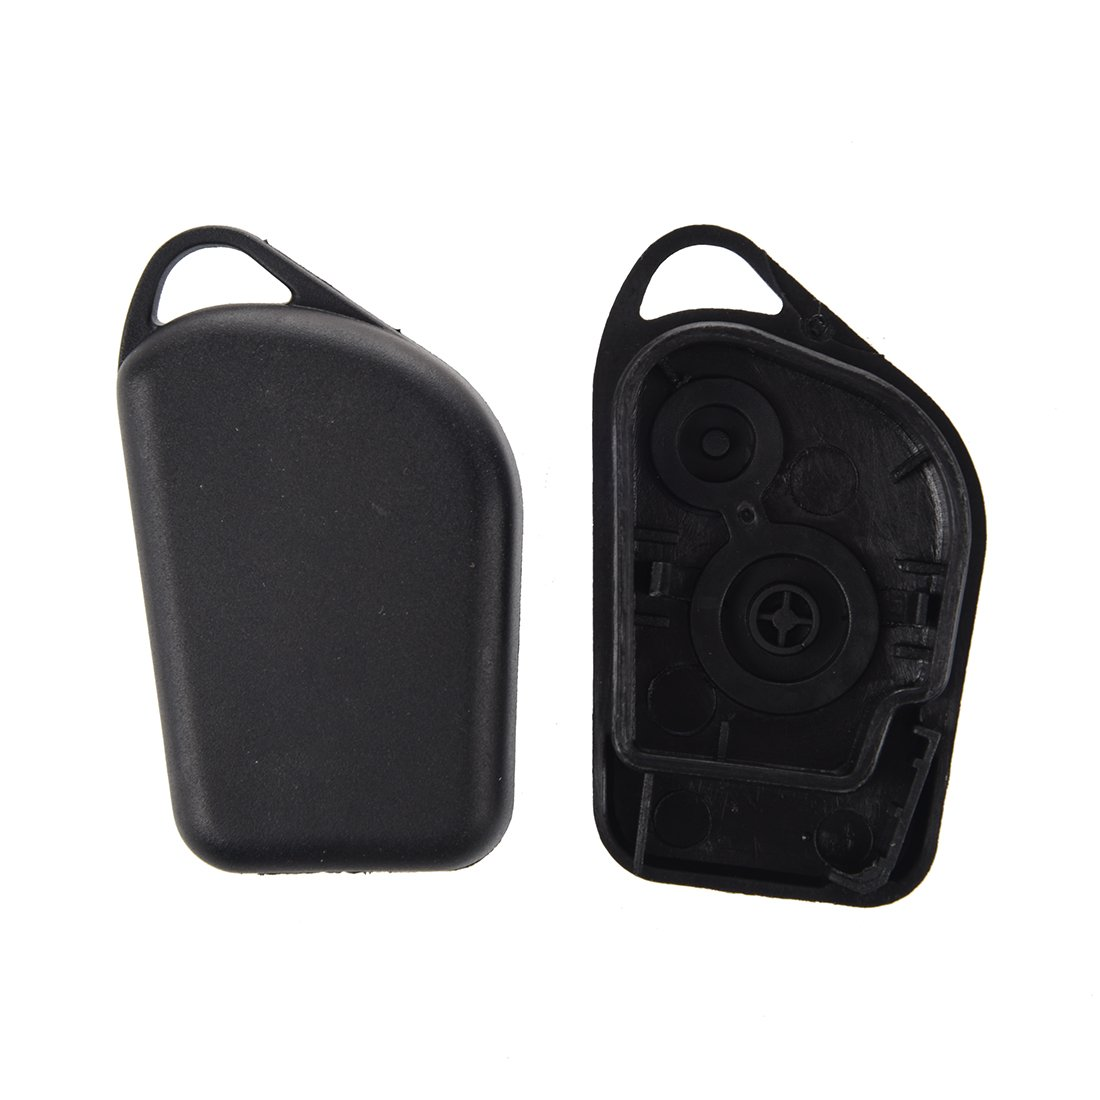 Amazon.com: SODIAL (R) Funda/Carcasa para mando a distancia ...